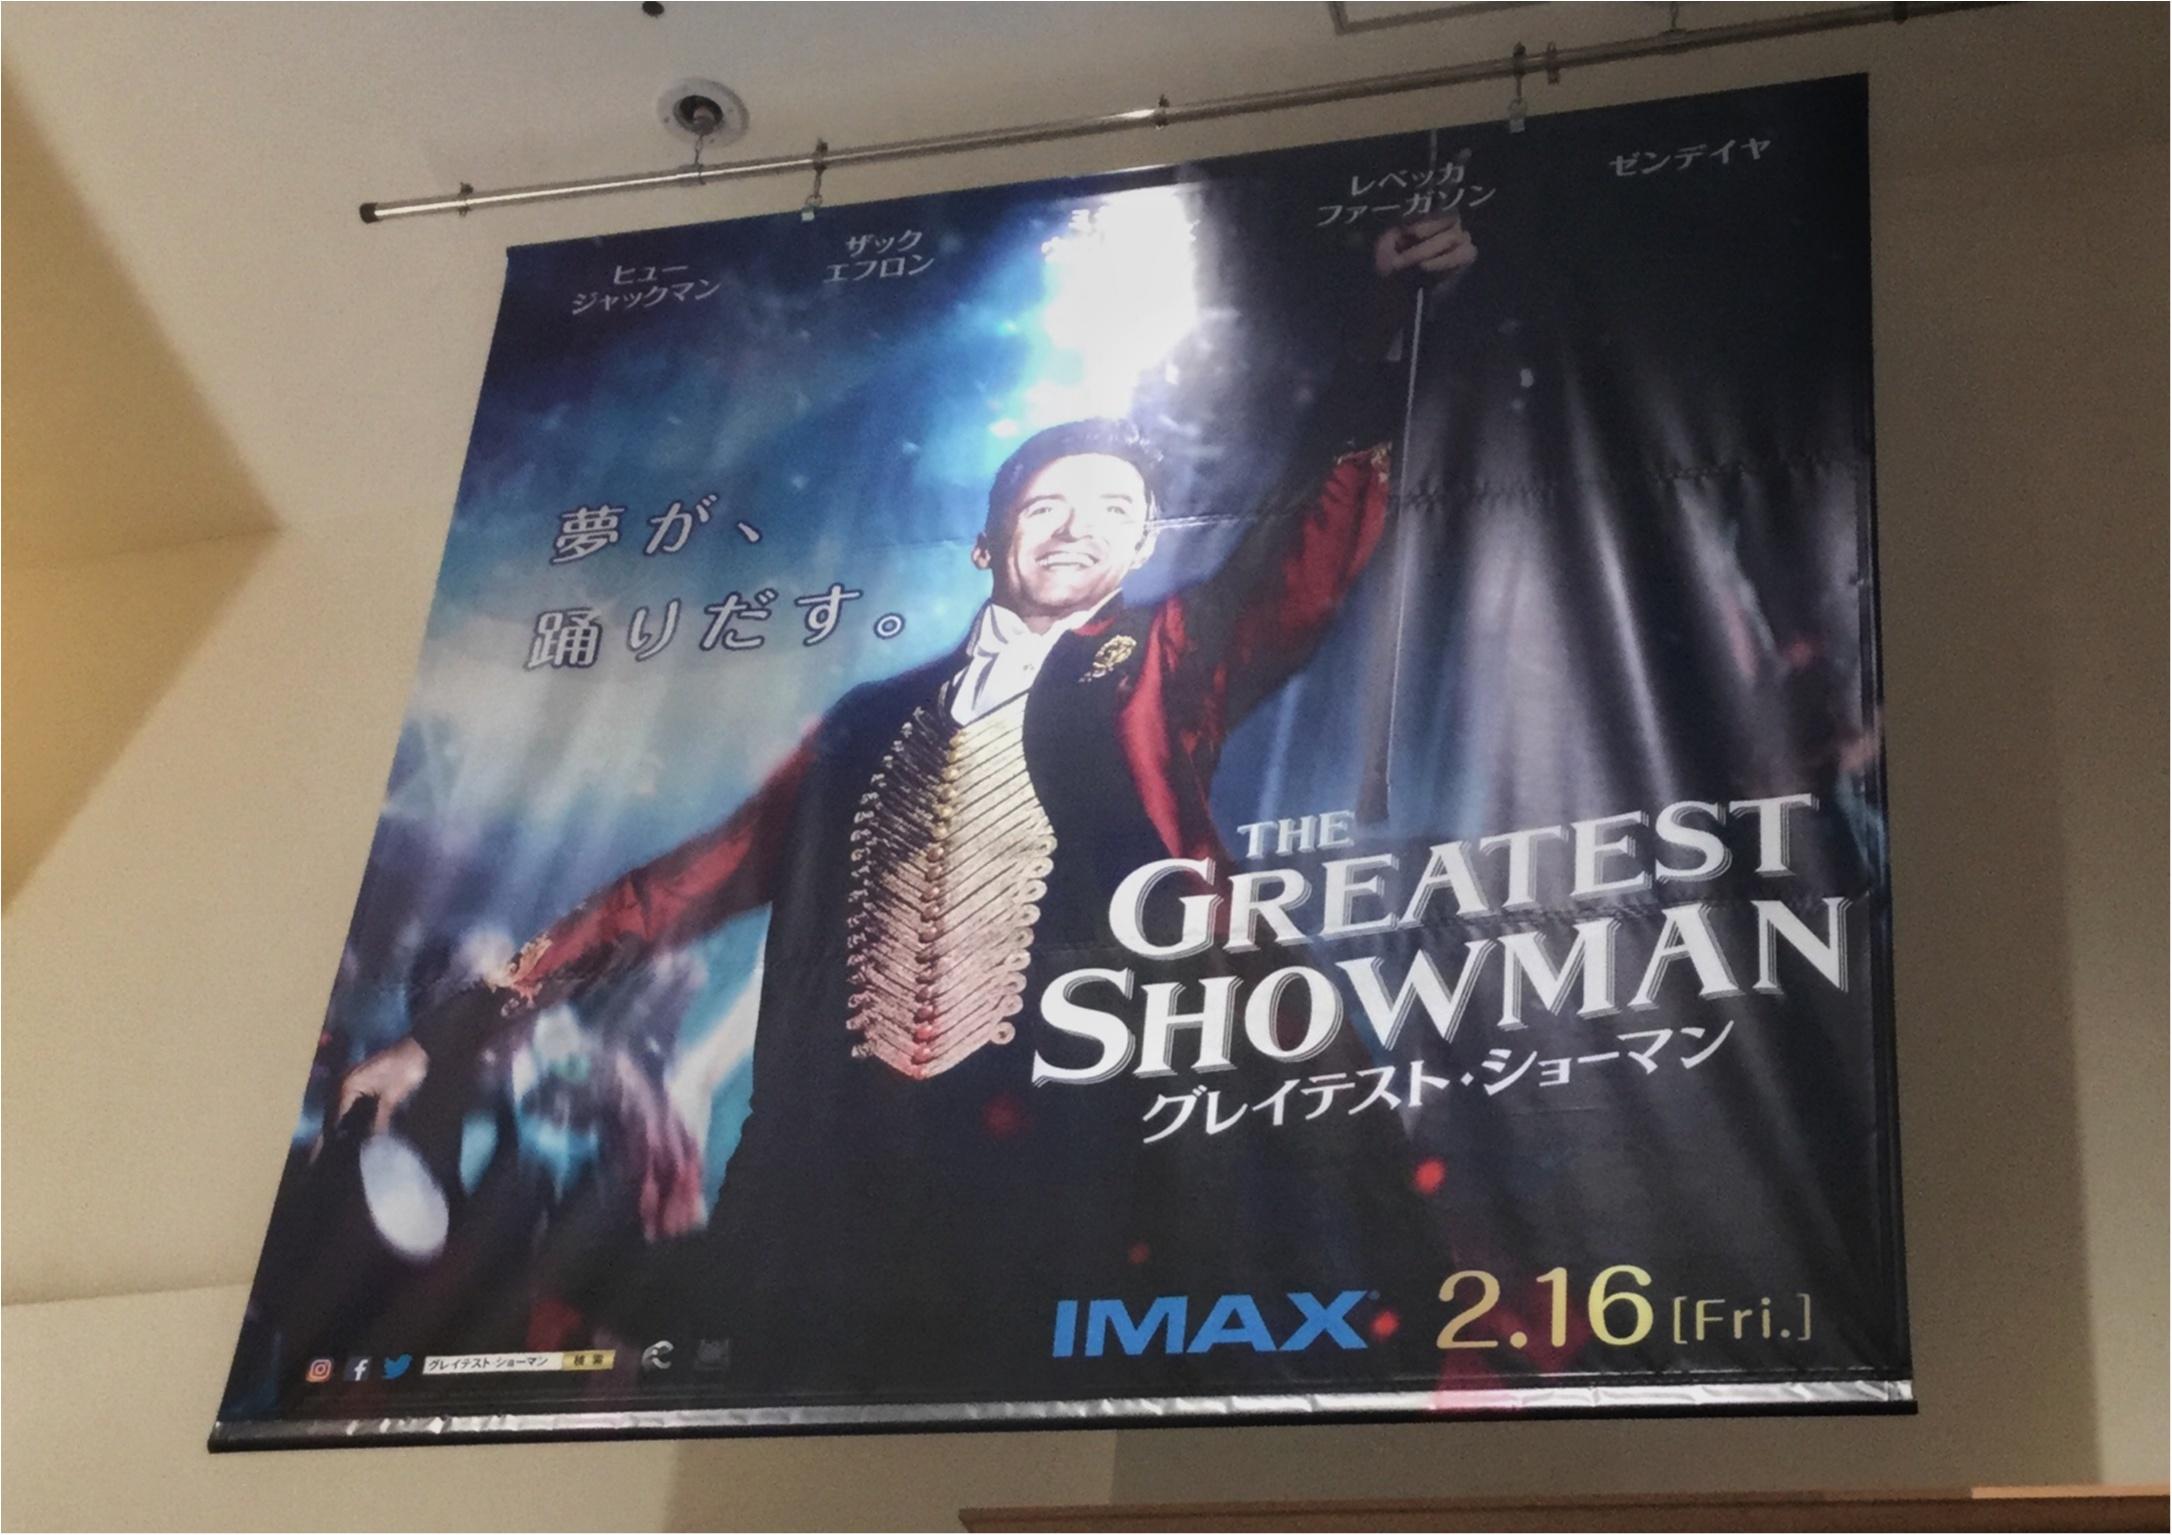 【モア世代に見てほしい!夢と勇気を与える感動作】2/16公開『グレイテスト・ショーマン』を観てきました♡_1